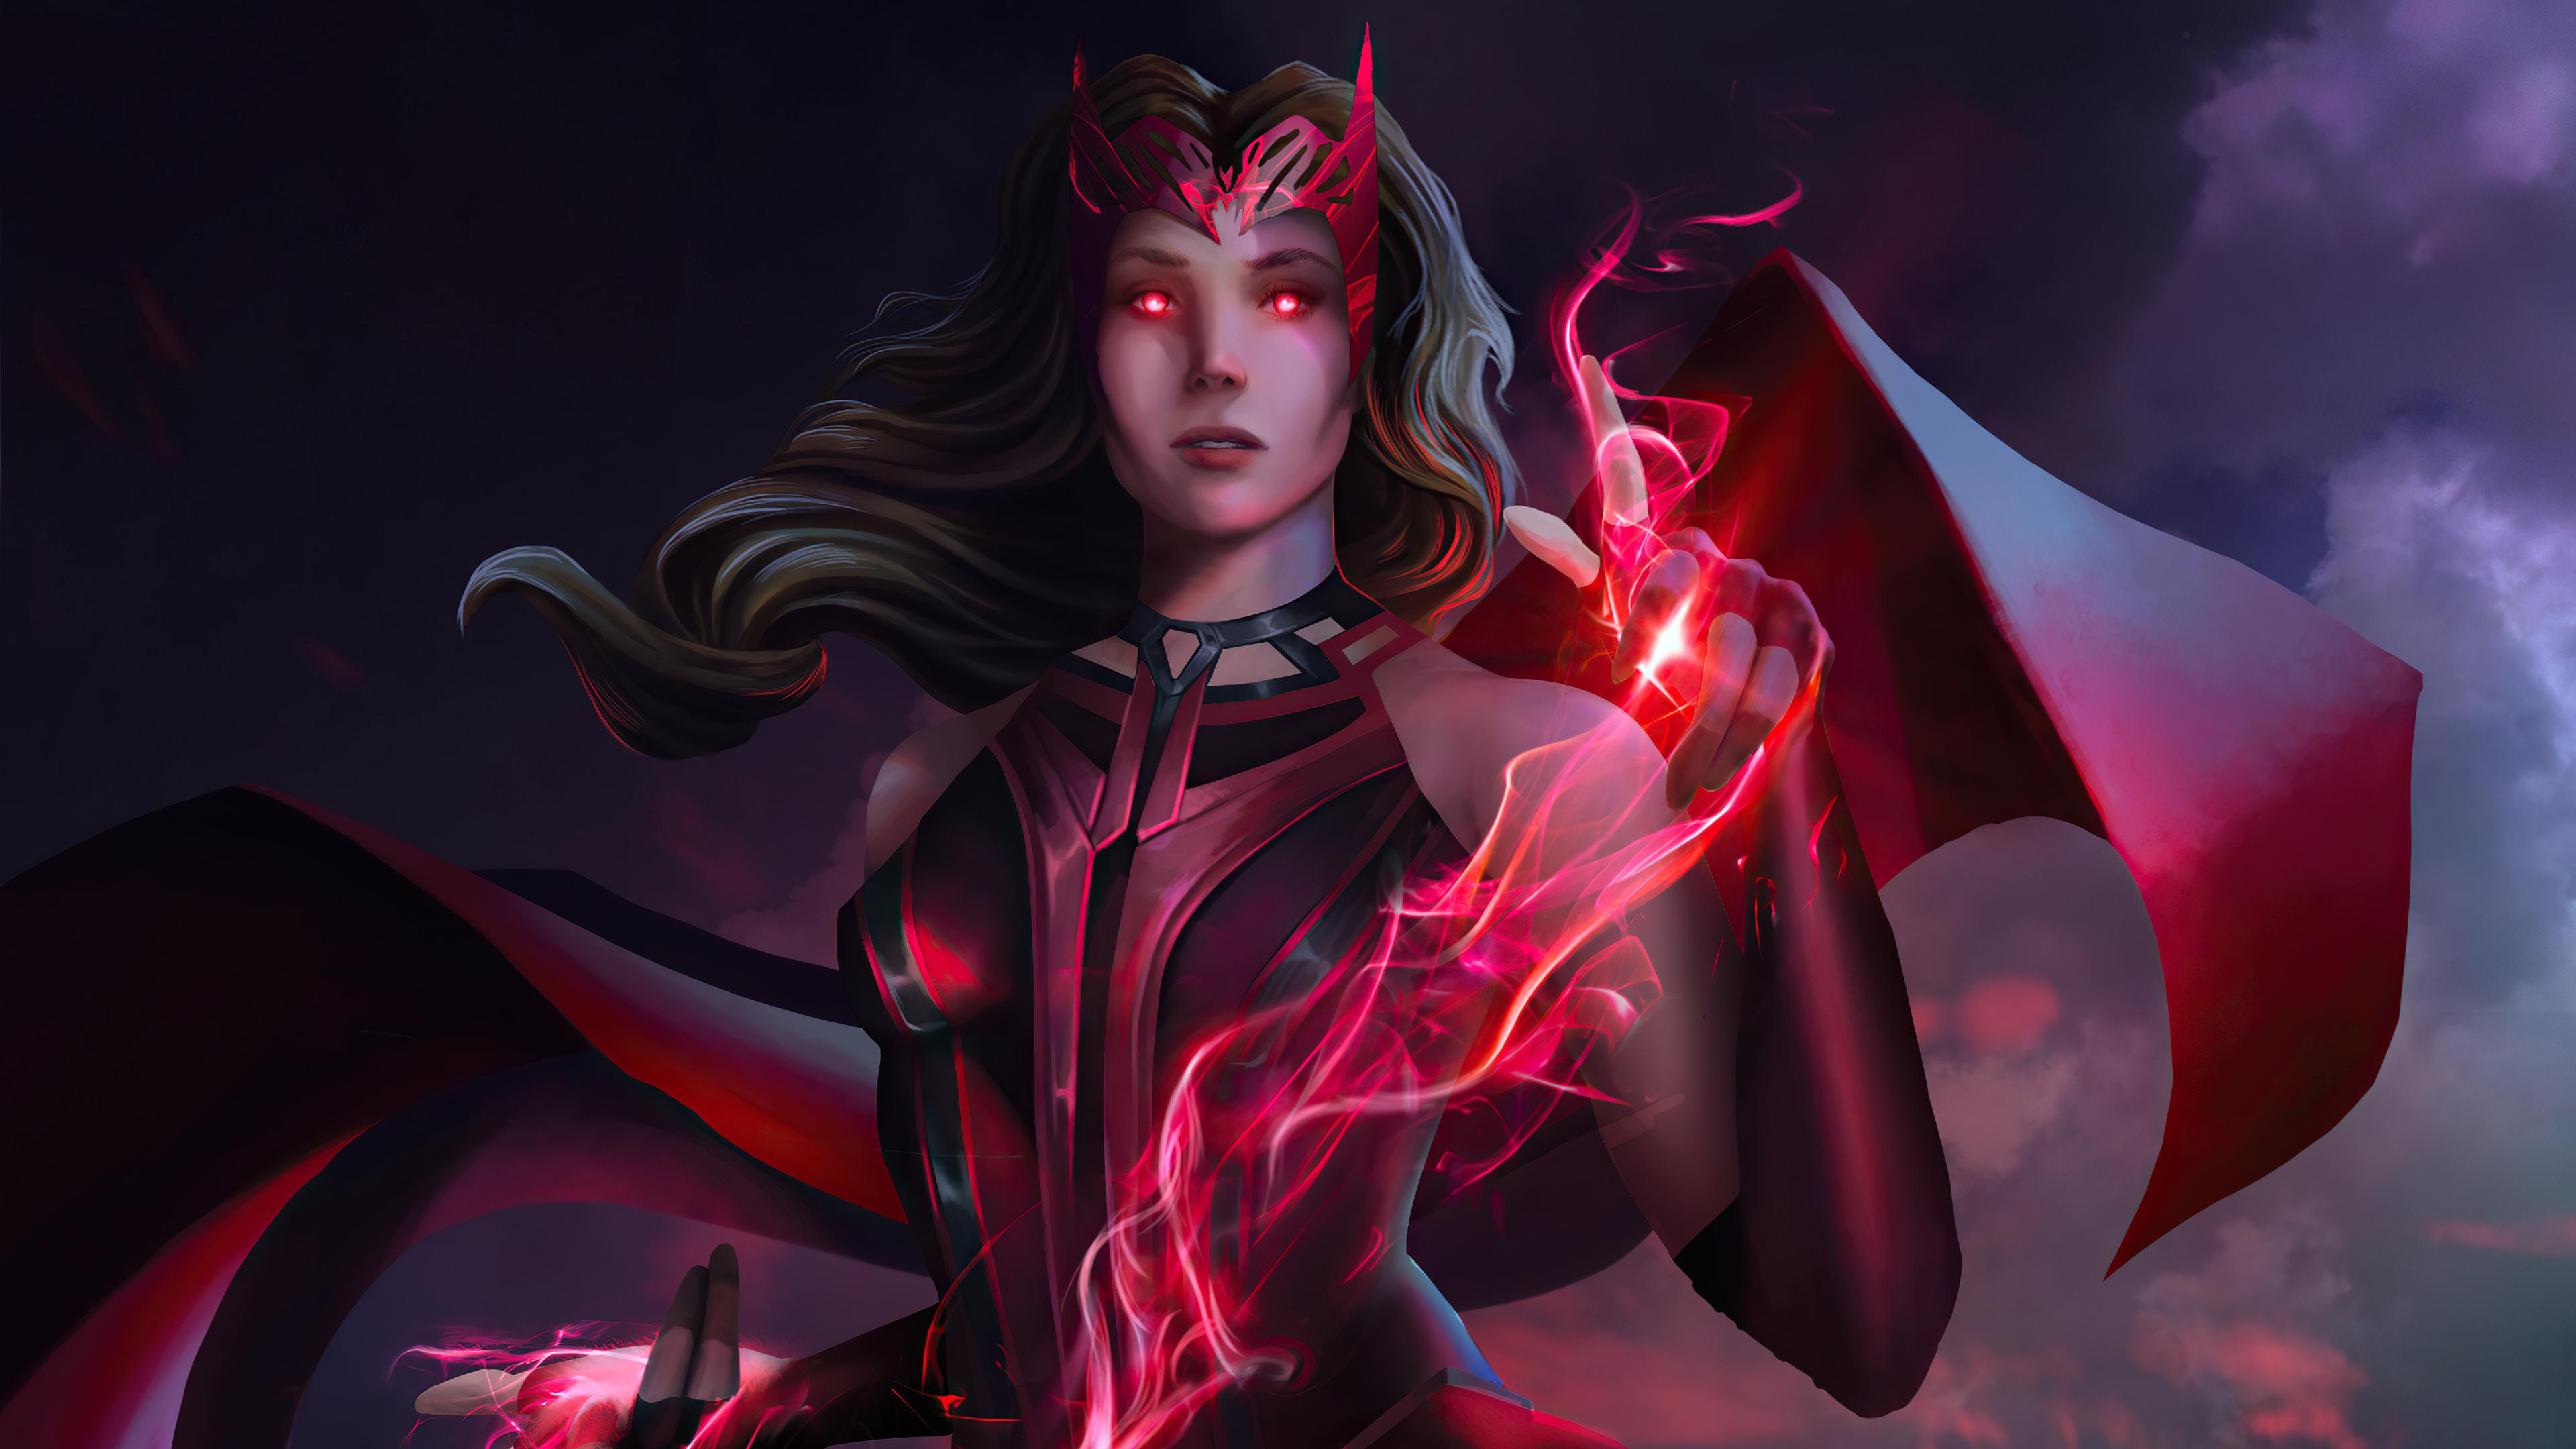 Wallpaper Scarlet Witch Wanda Fanart